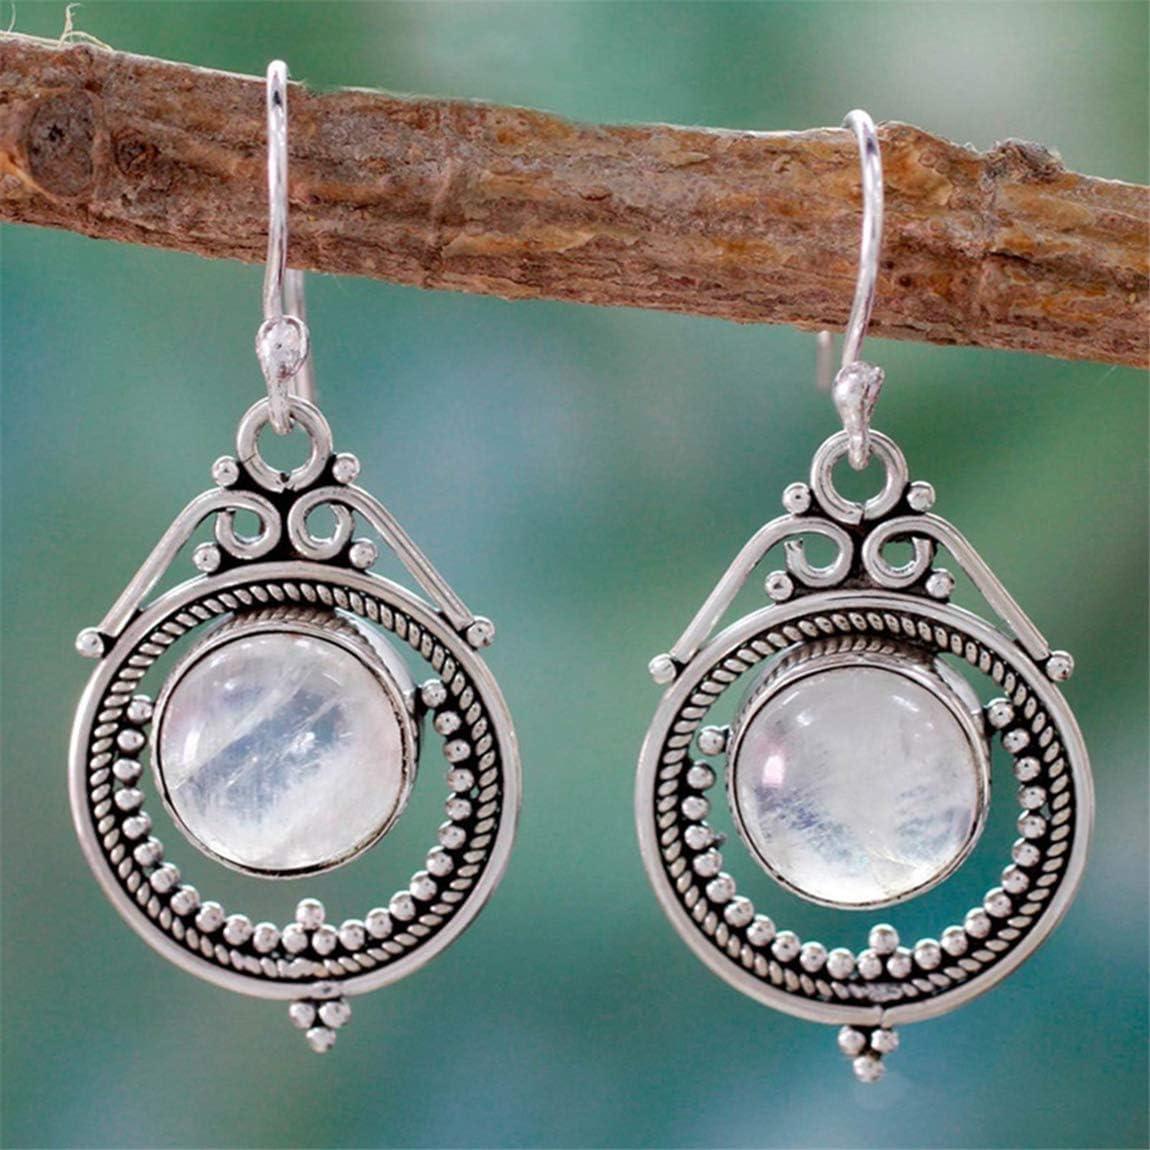 Weiy - Pendientes Colgantes de Plata con Piedras Preciosas de Luna y Piedras Preciosas, Estilo Vintage, para Bodas, Novias, Mujeres y niñas